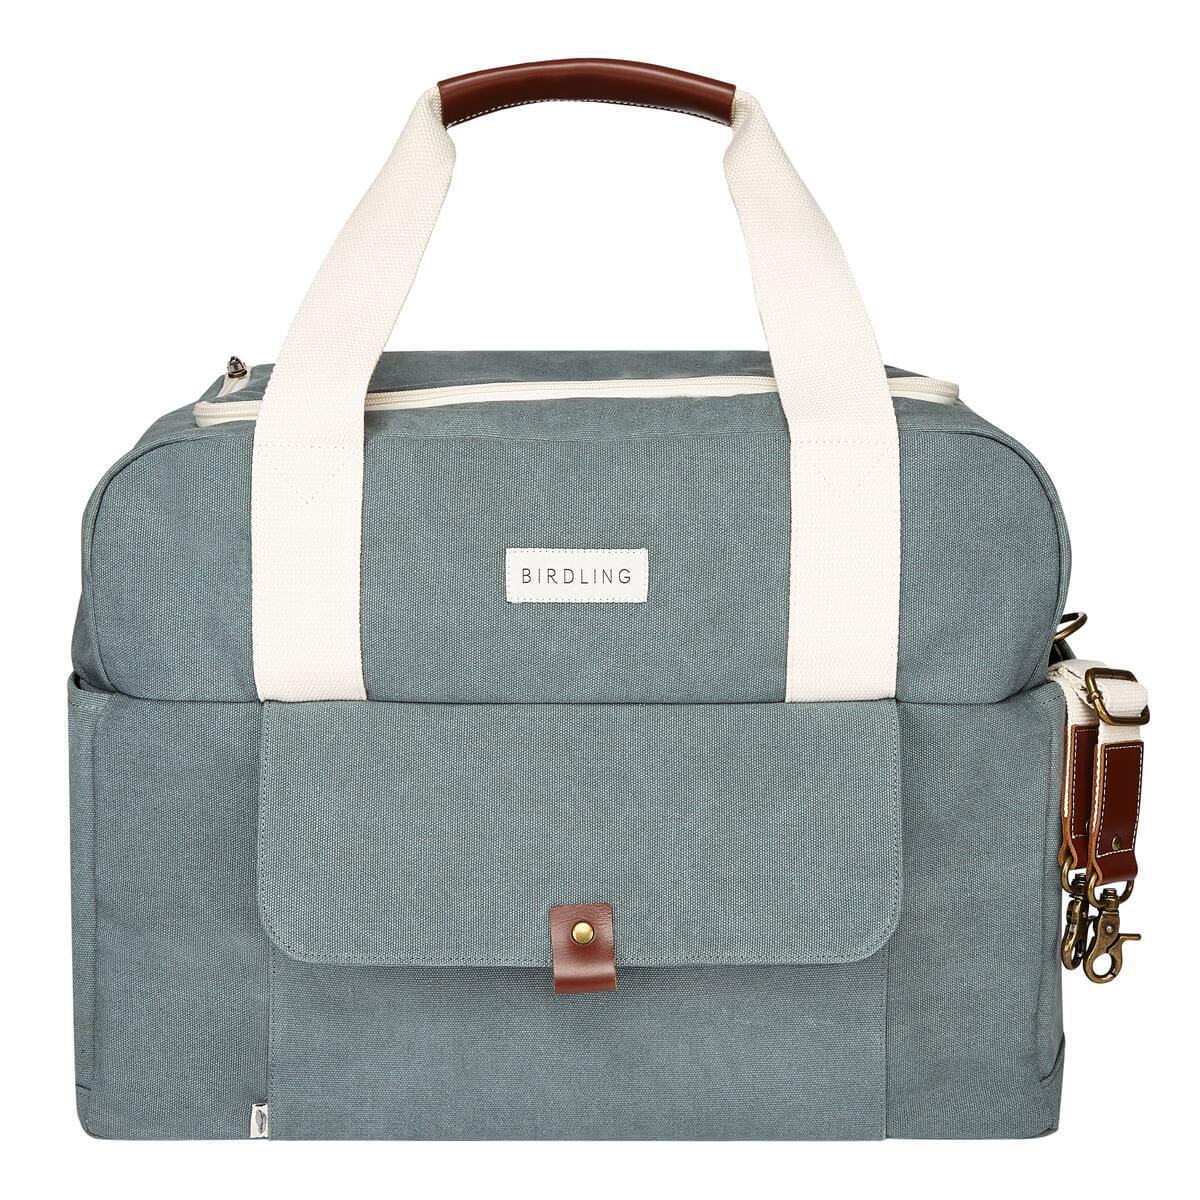 Birdling bag